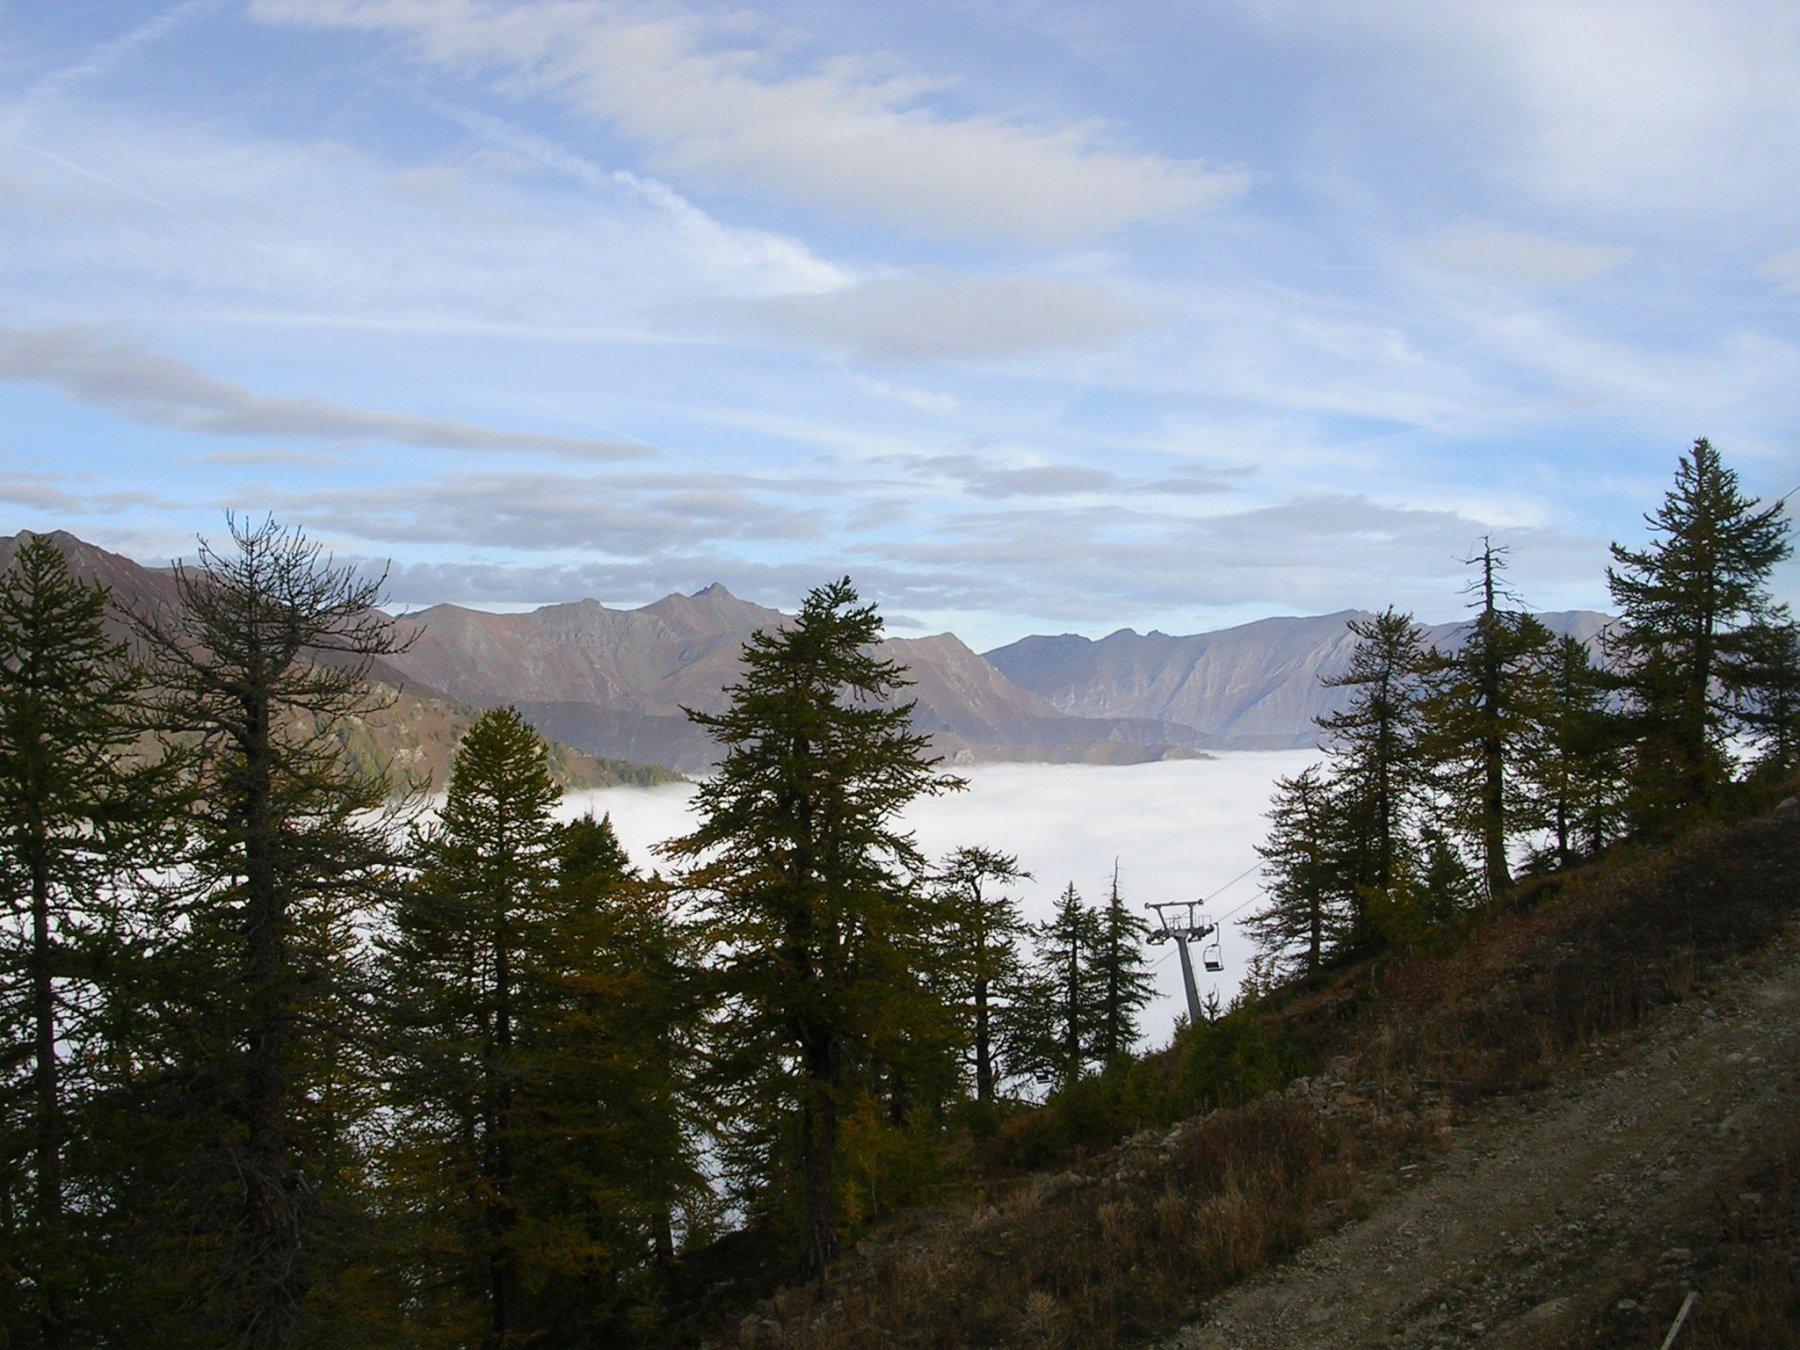 La valle Germanasca coperta dalle nuvole